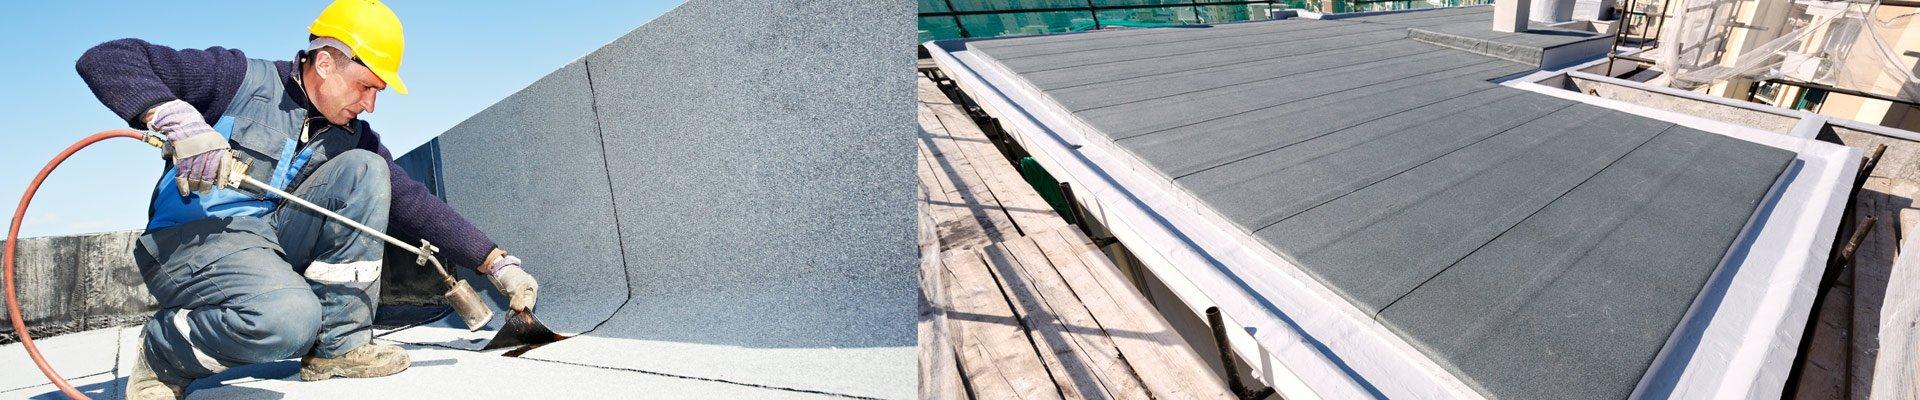 blakes waterproofing flat water roof covering